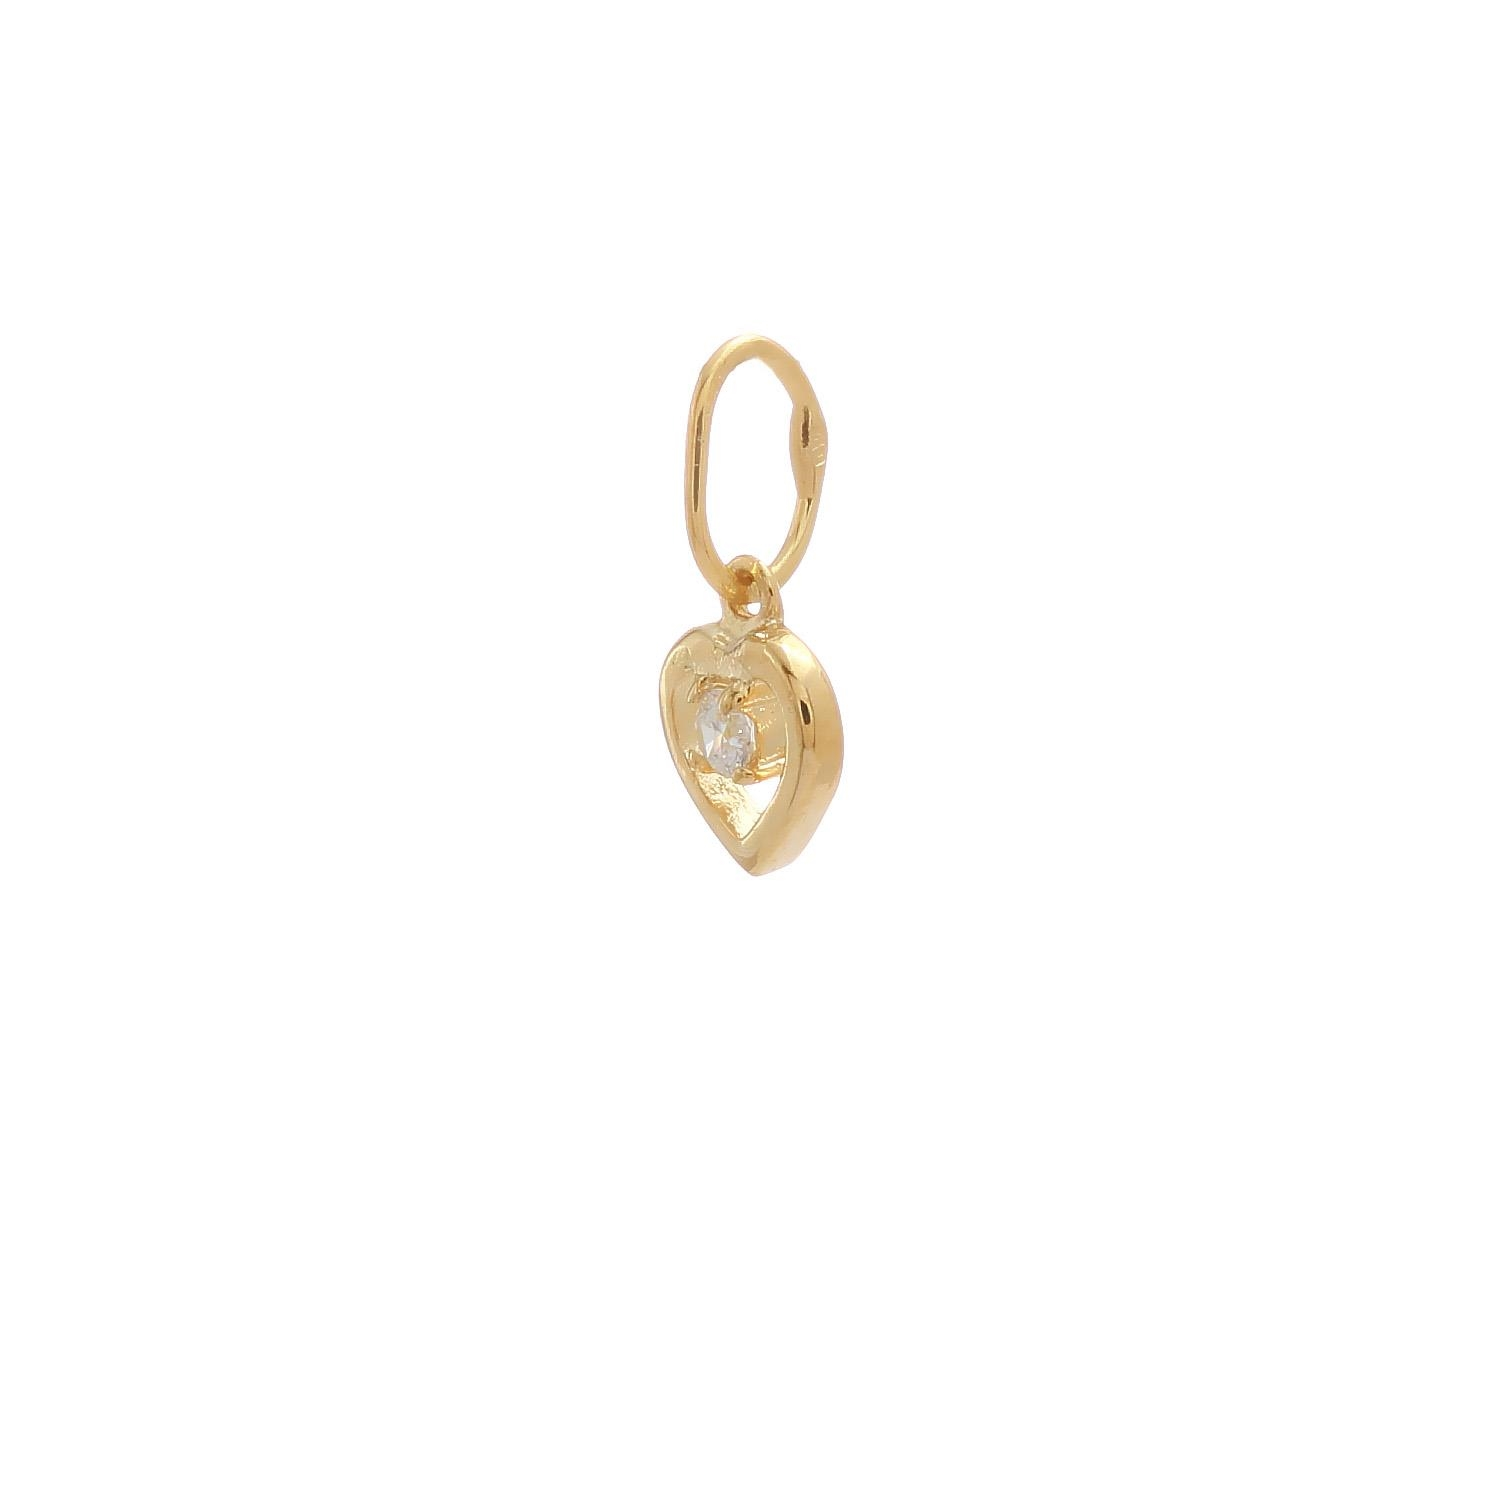 zlatý prívesok srdiečko so zirkónom zlatý prívesok srdiečko so zirkónom 1  ... 513c713b510